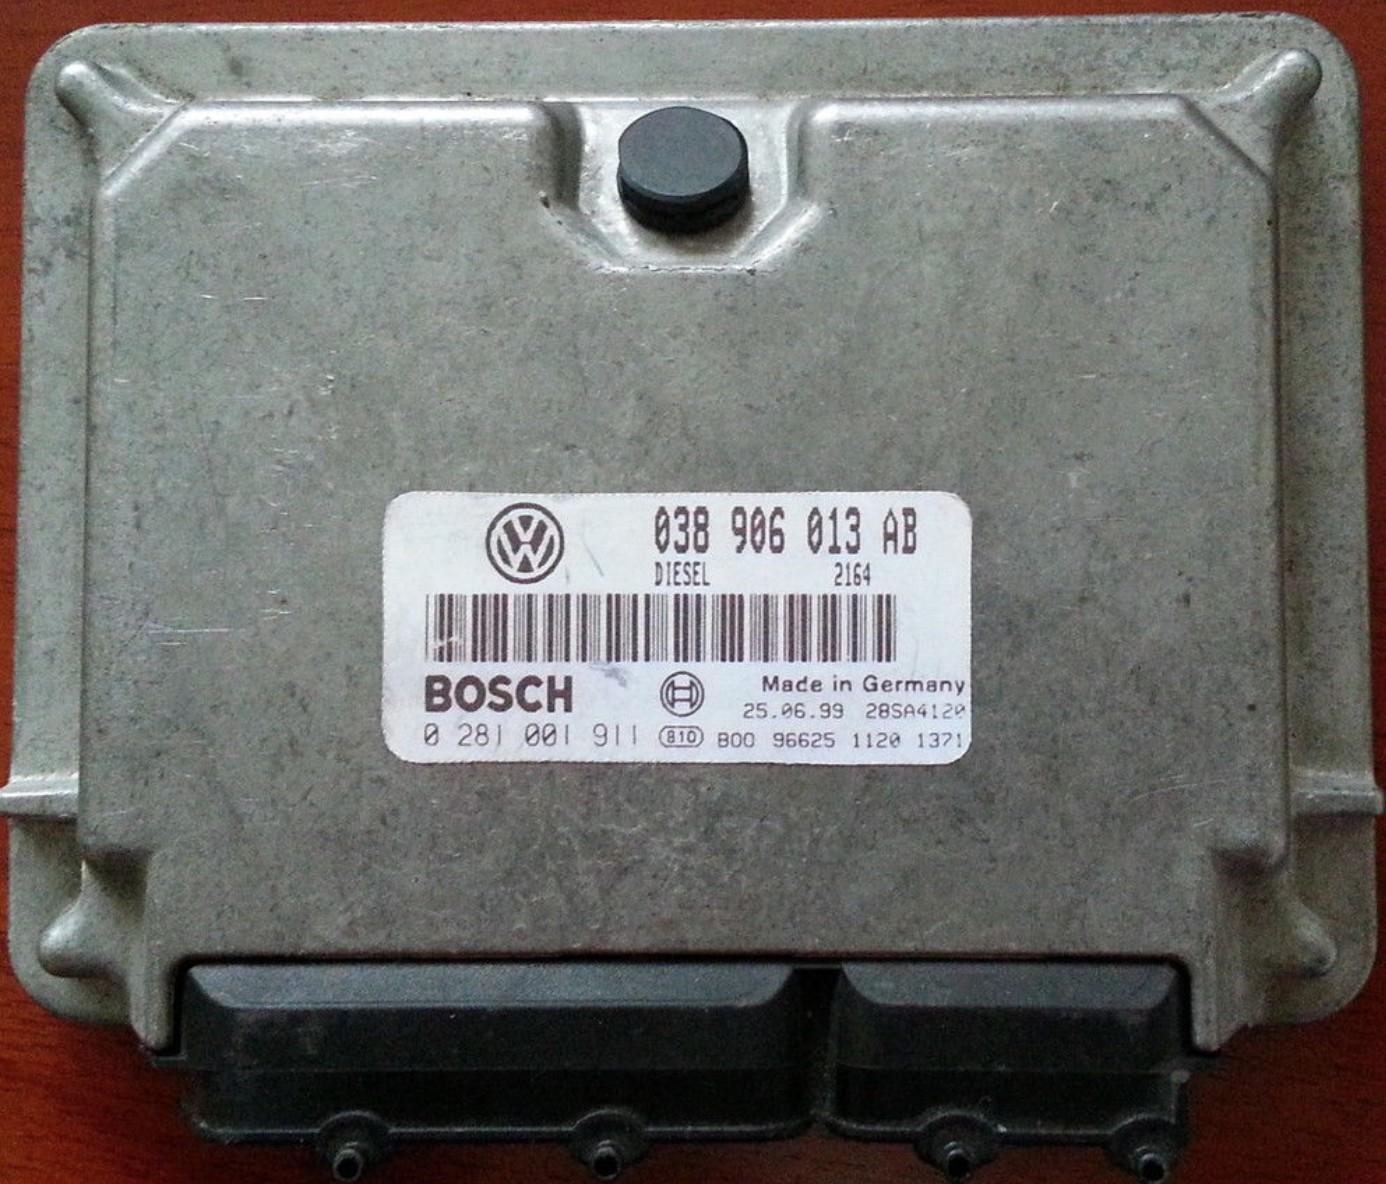 Seat Ibiza Motorsteuergerät Steuergerät 038906013AB 0281001911